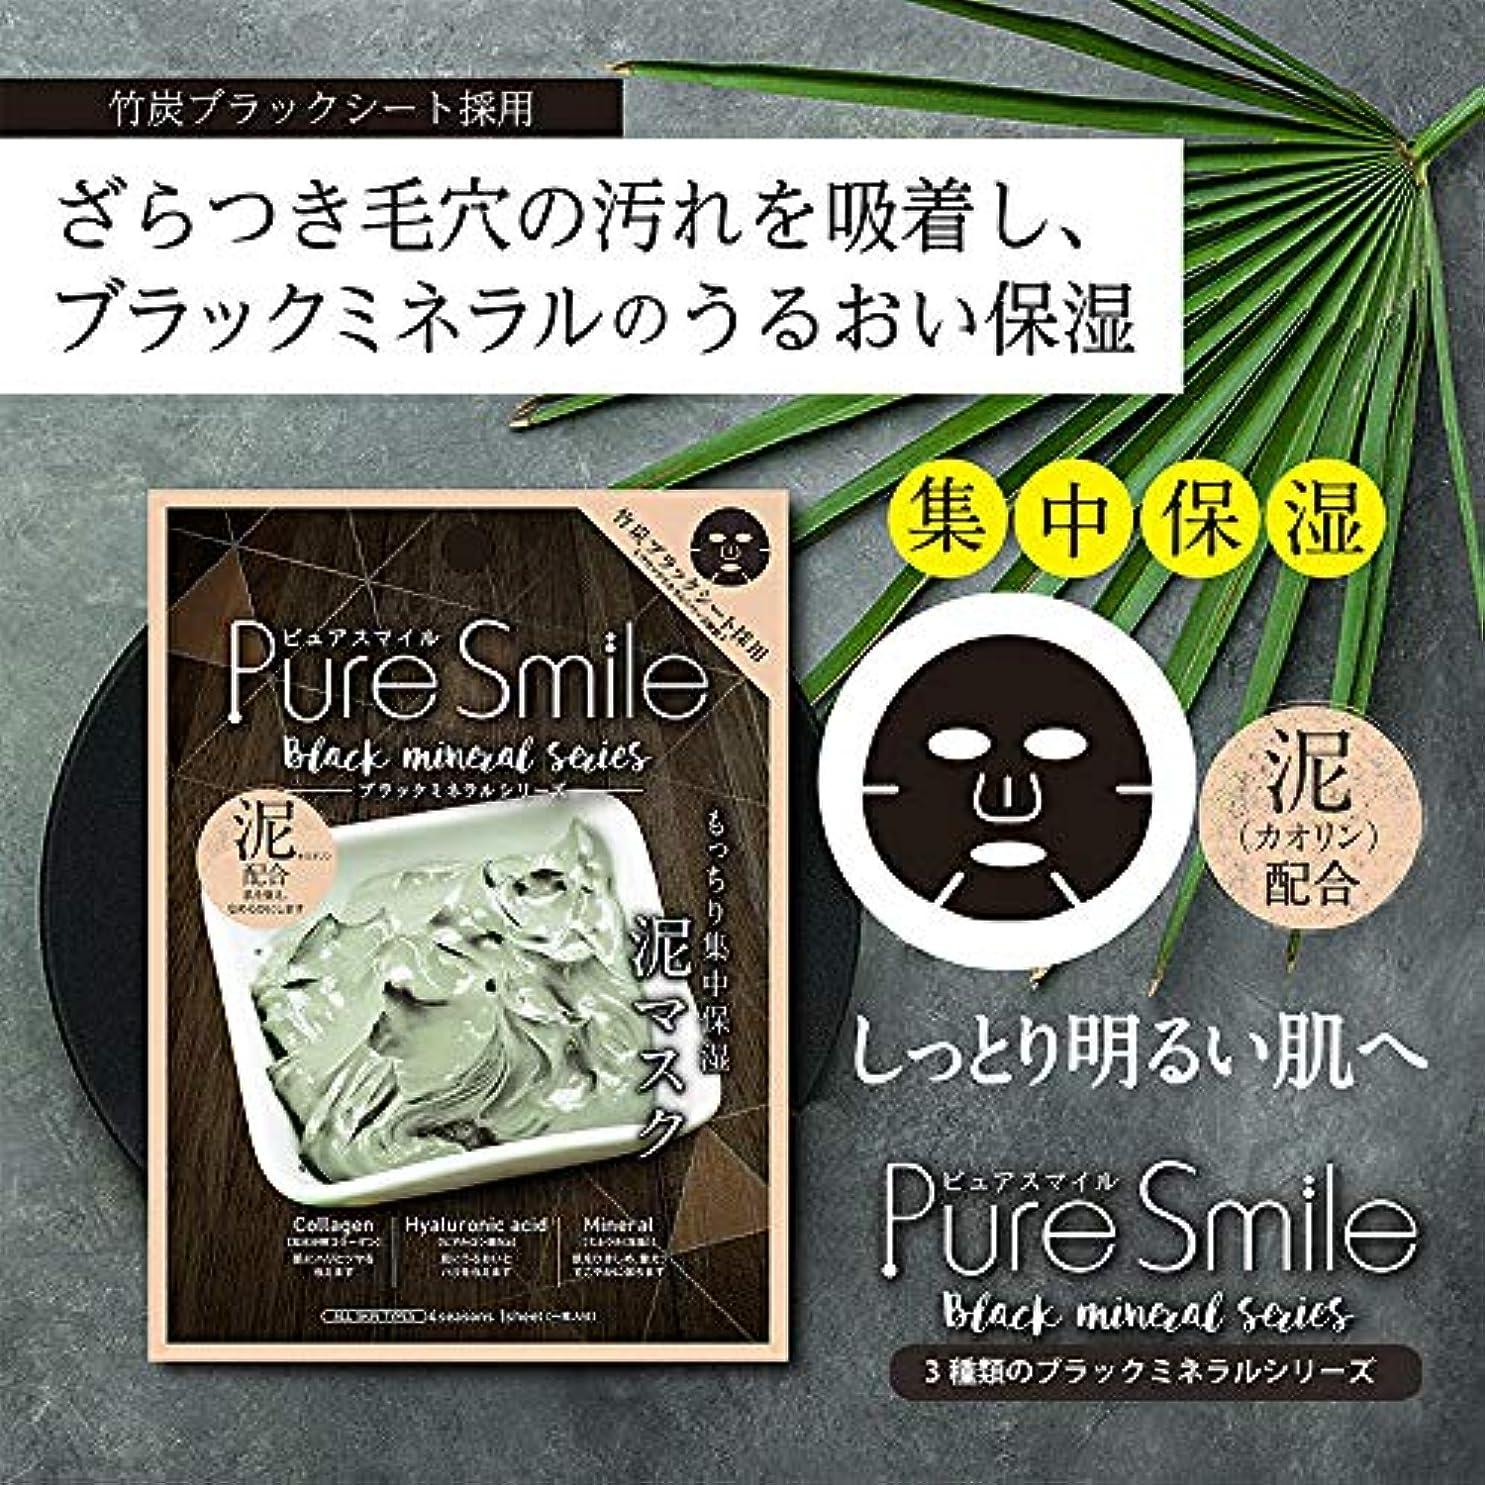 太鼓腹間欠財政Pure Smile(ピュアスマイル) エッセンスマスク 『ブラックミネラルシリーズ』 (泥) フェイスマスク パック